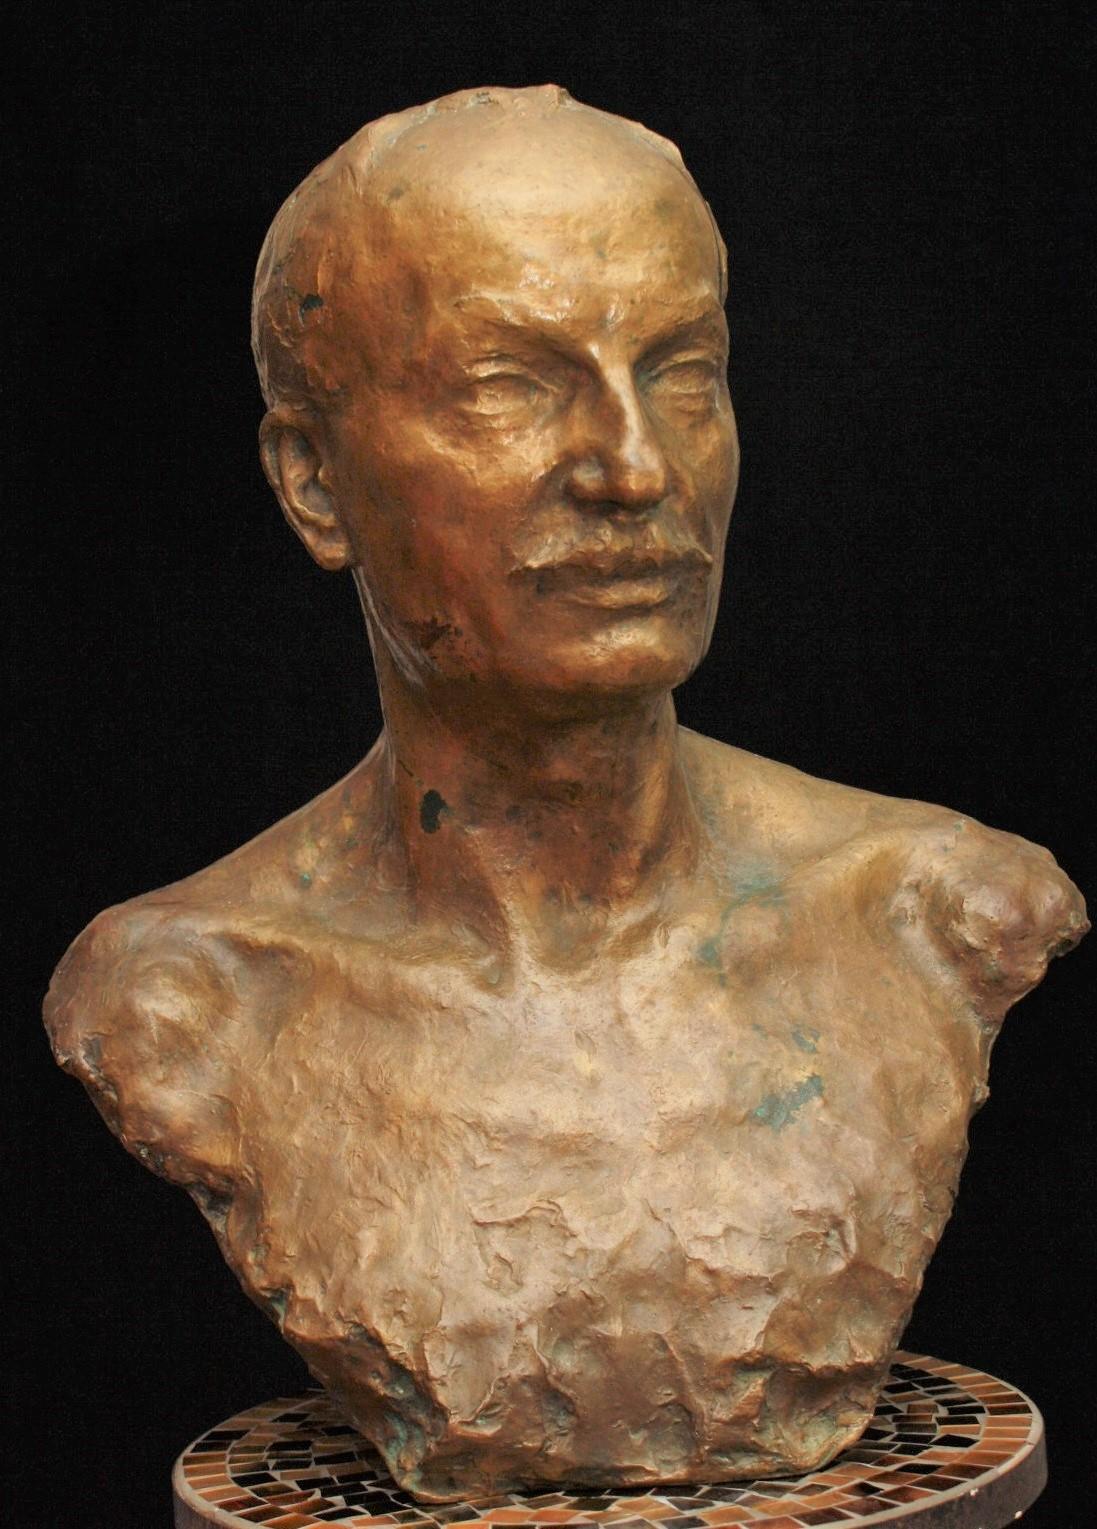 naum-aronson - Naum-naoum-Aronzon_Panin-bronze-bust-russian